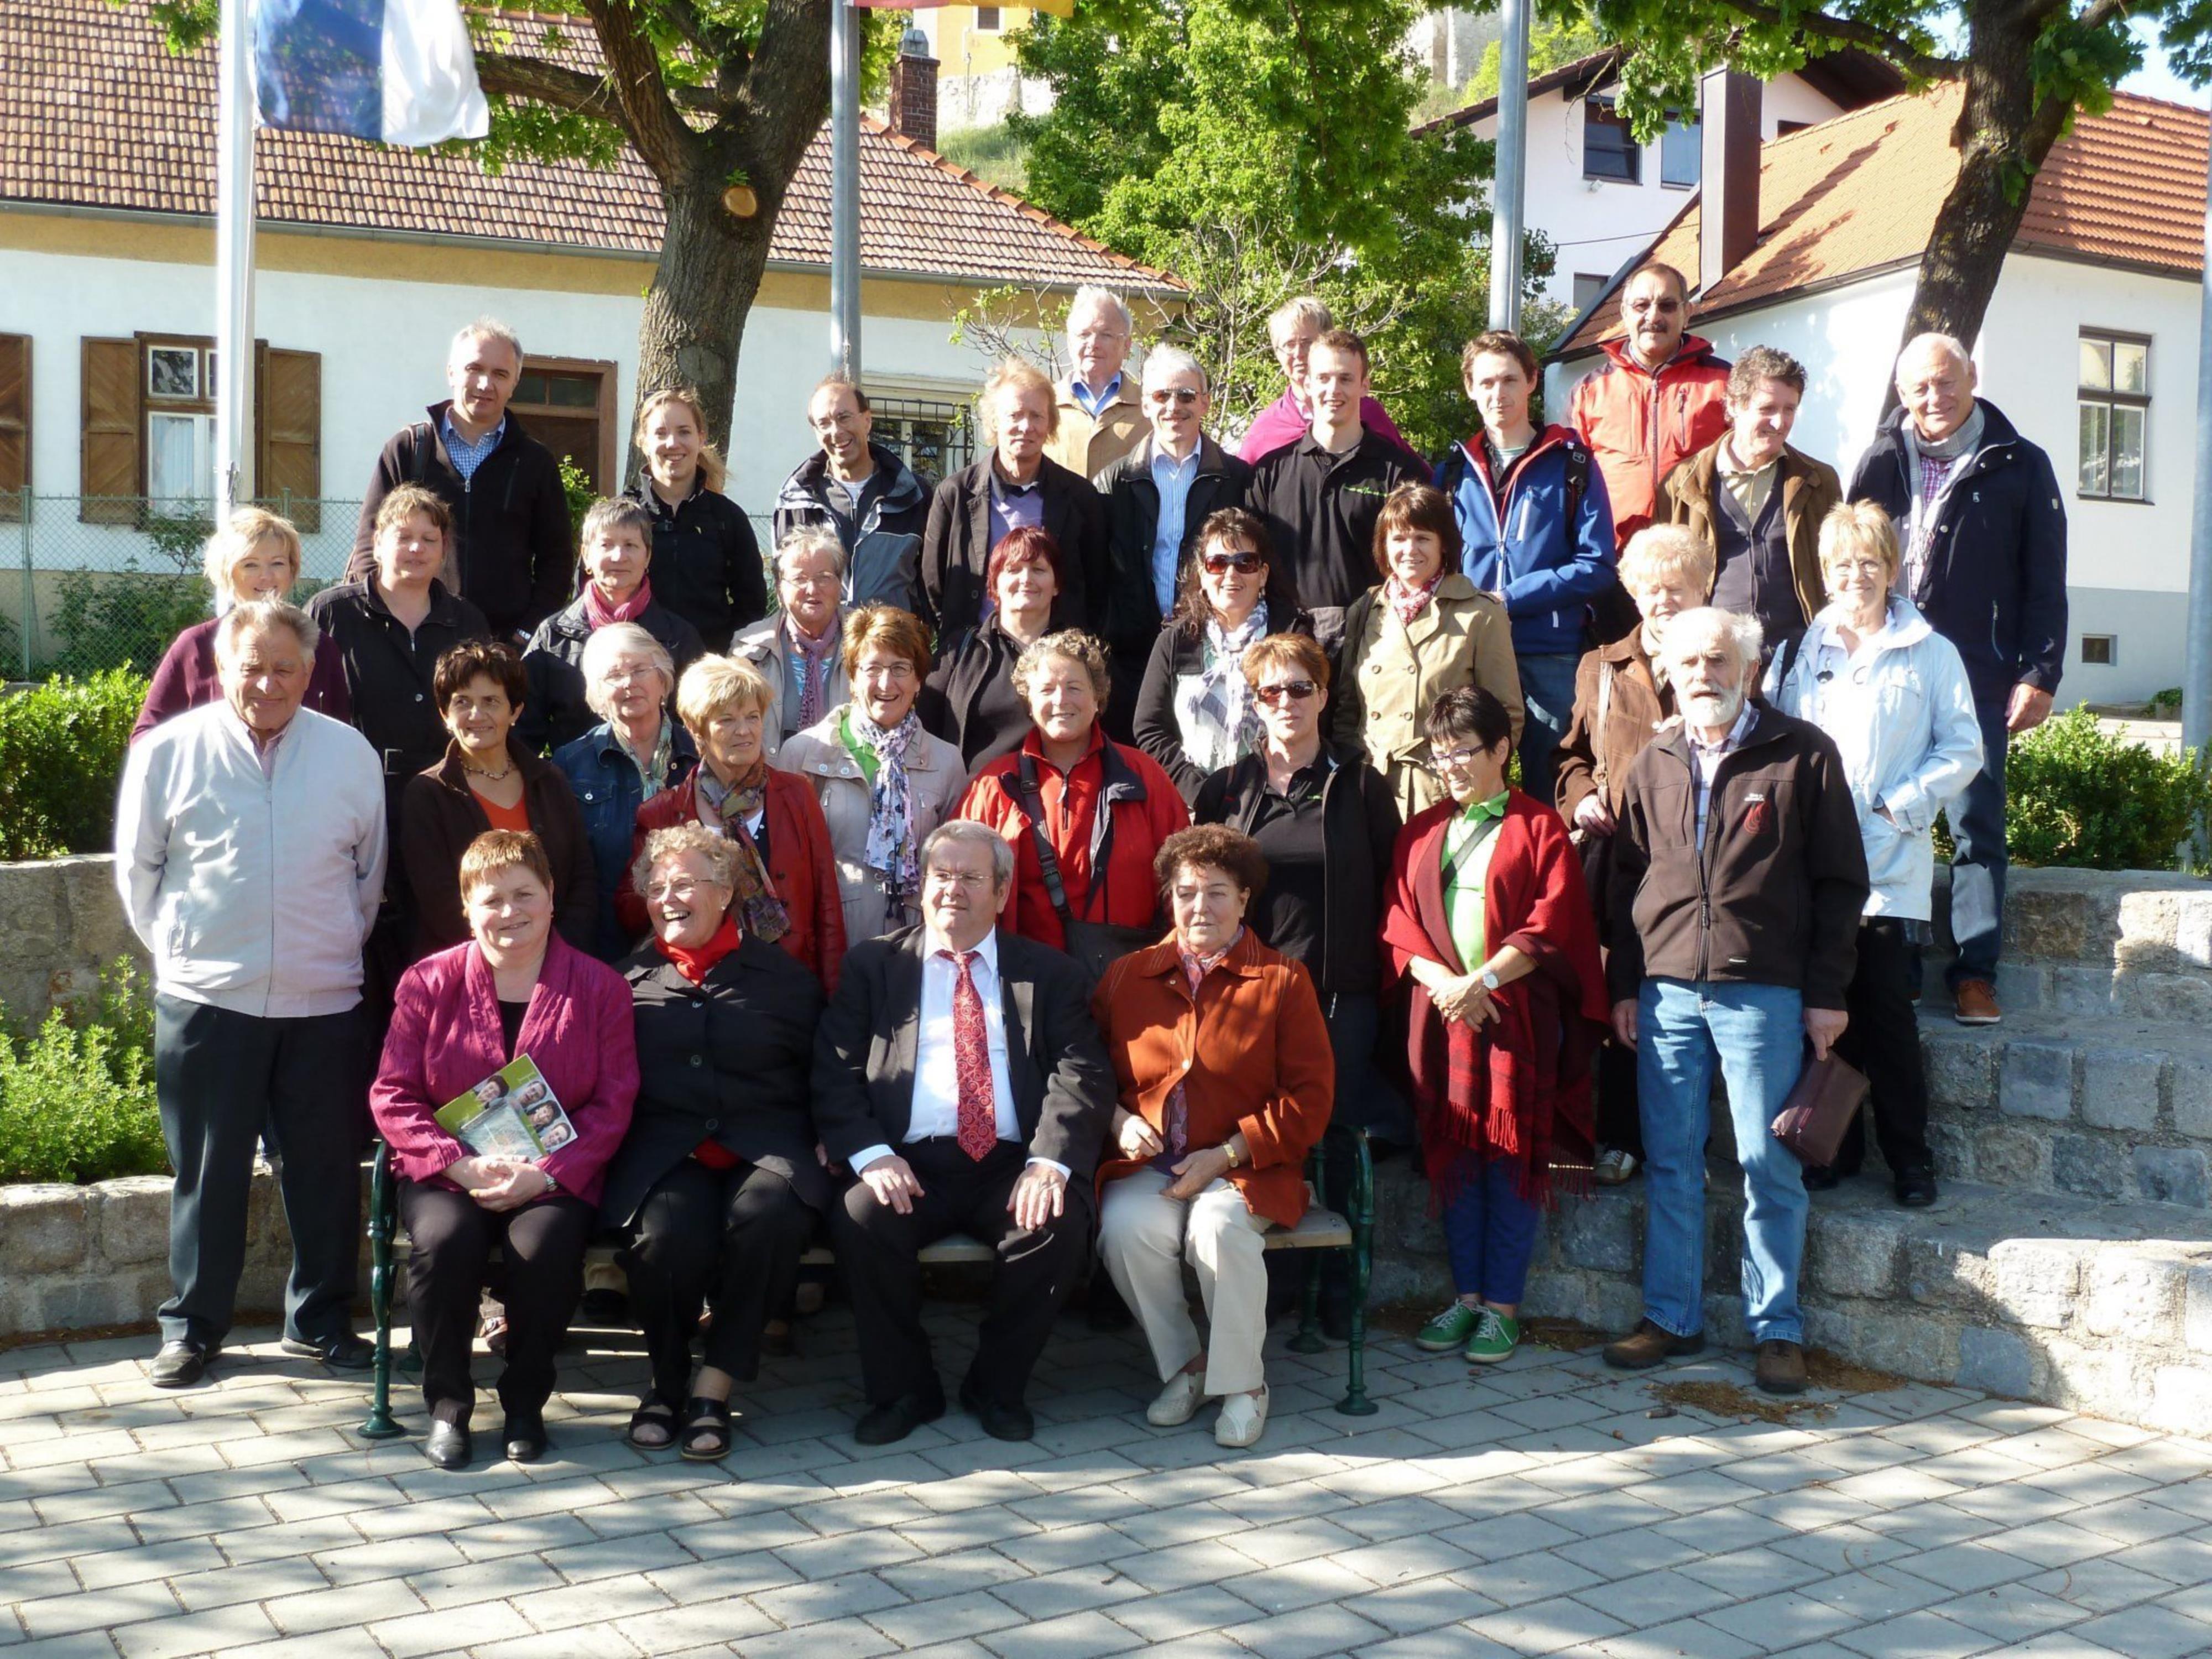 Die Harmonie mit dem Donnerskirchner Bürgermeister Josef Frippus (vorne mitte)